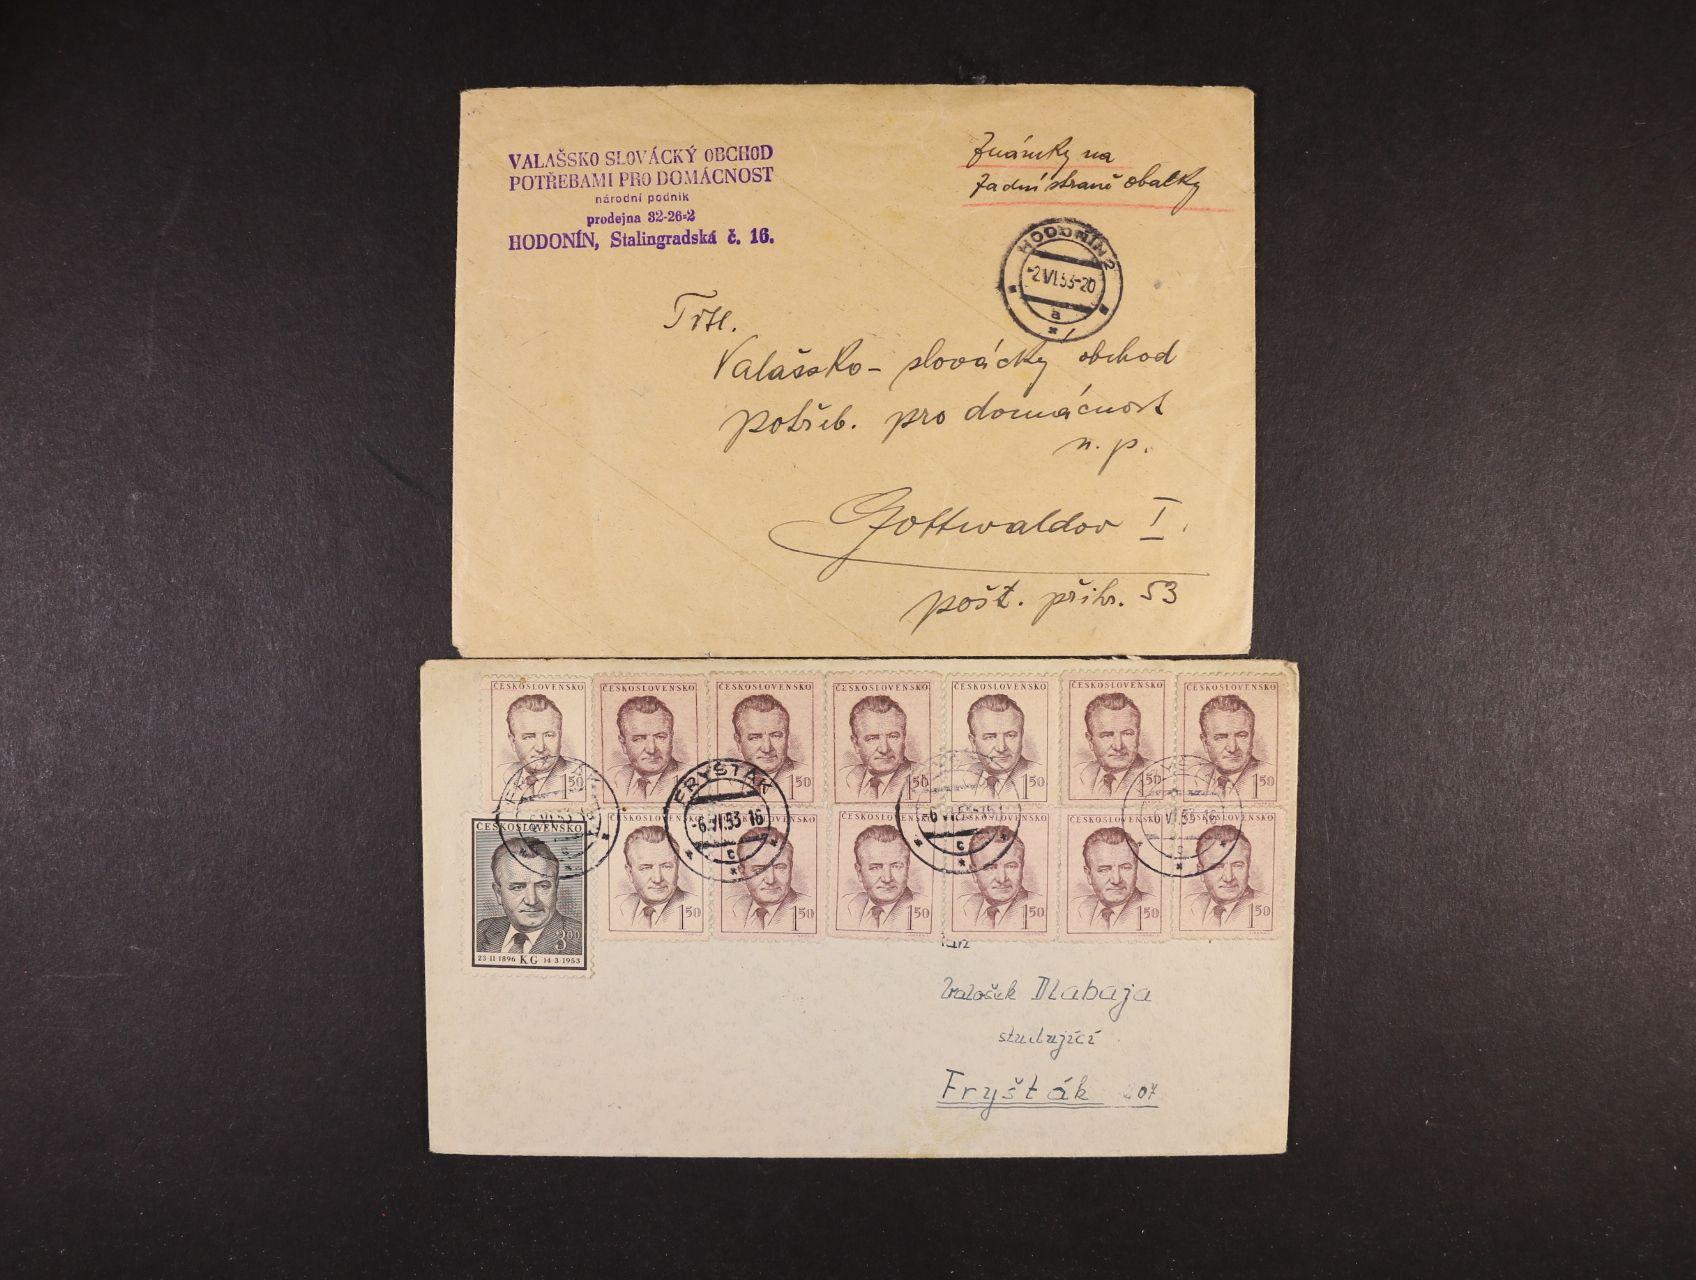 dopis frank. zn. č. 717 v 10ti-bloku na zadní straně, pod. raz. HODONÍN 2.6.53 a dopis frank. zn. č. 485 (13x), 718, pod. raz. FRYŠTÁK 6.6.53